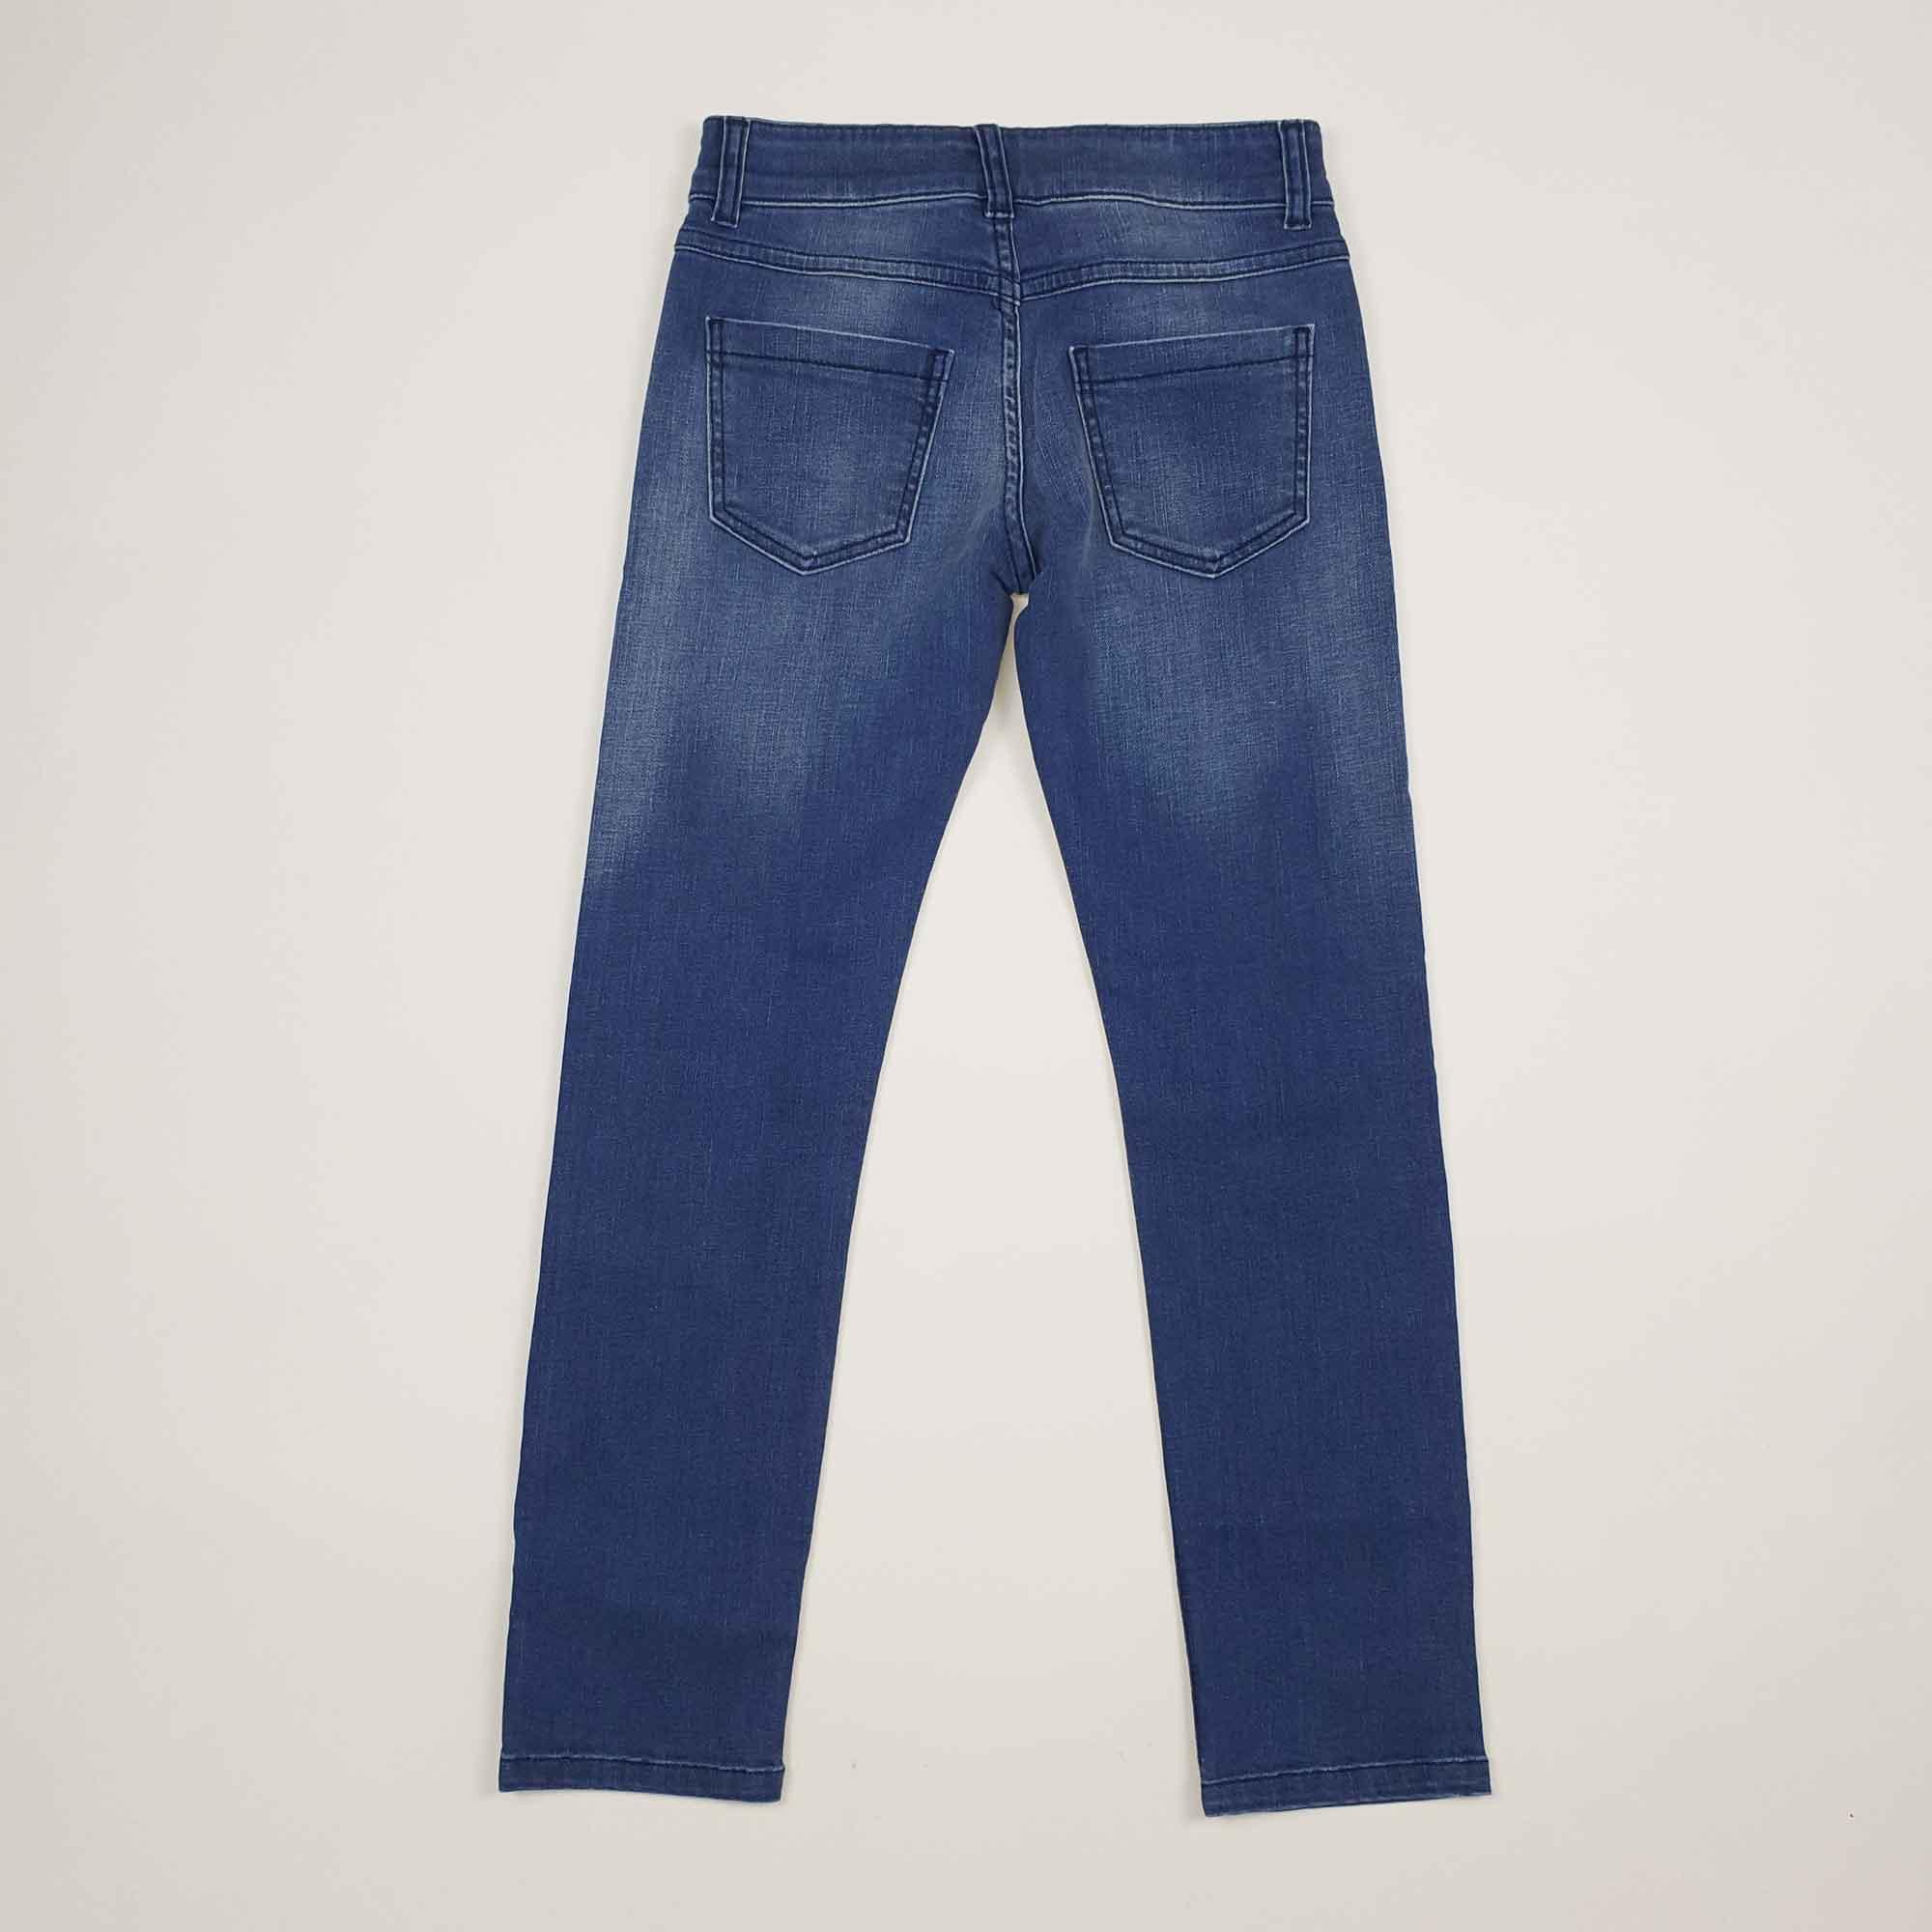 Jeans logo grande - Denim